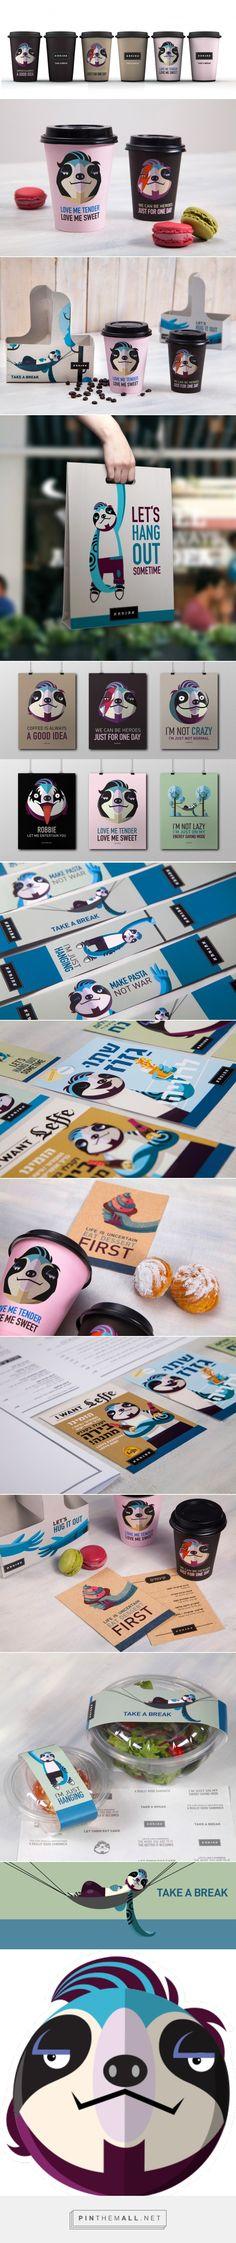 Break Coffee Branding and Packaging by Plan B Creative